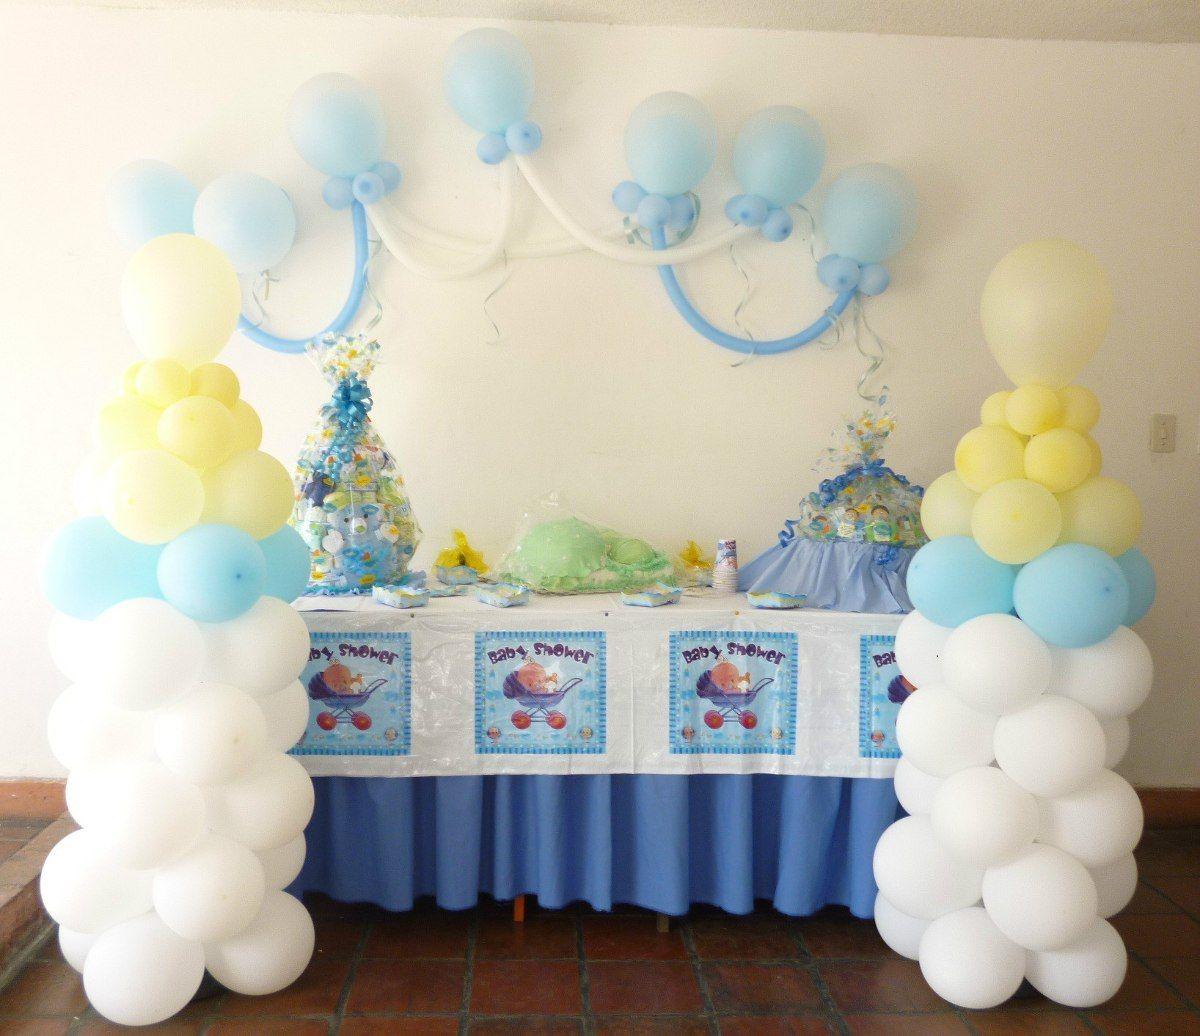 decoracion con globos para fiestas infantiles sencillas